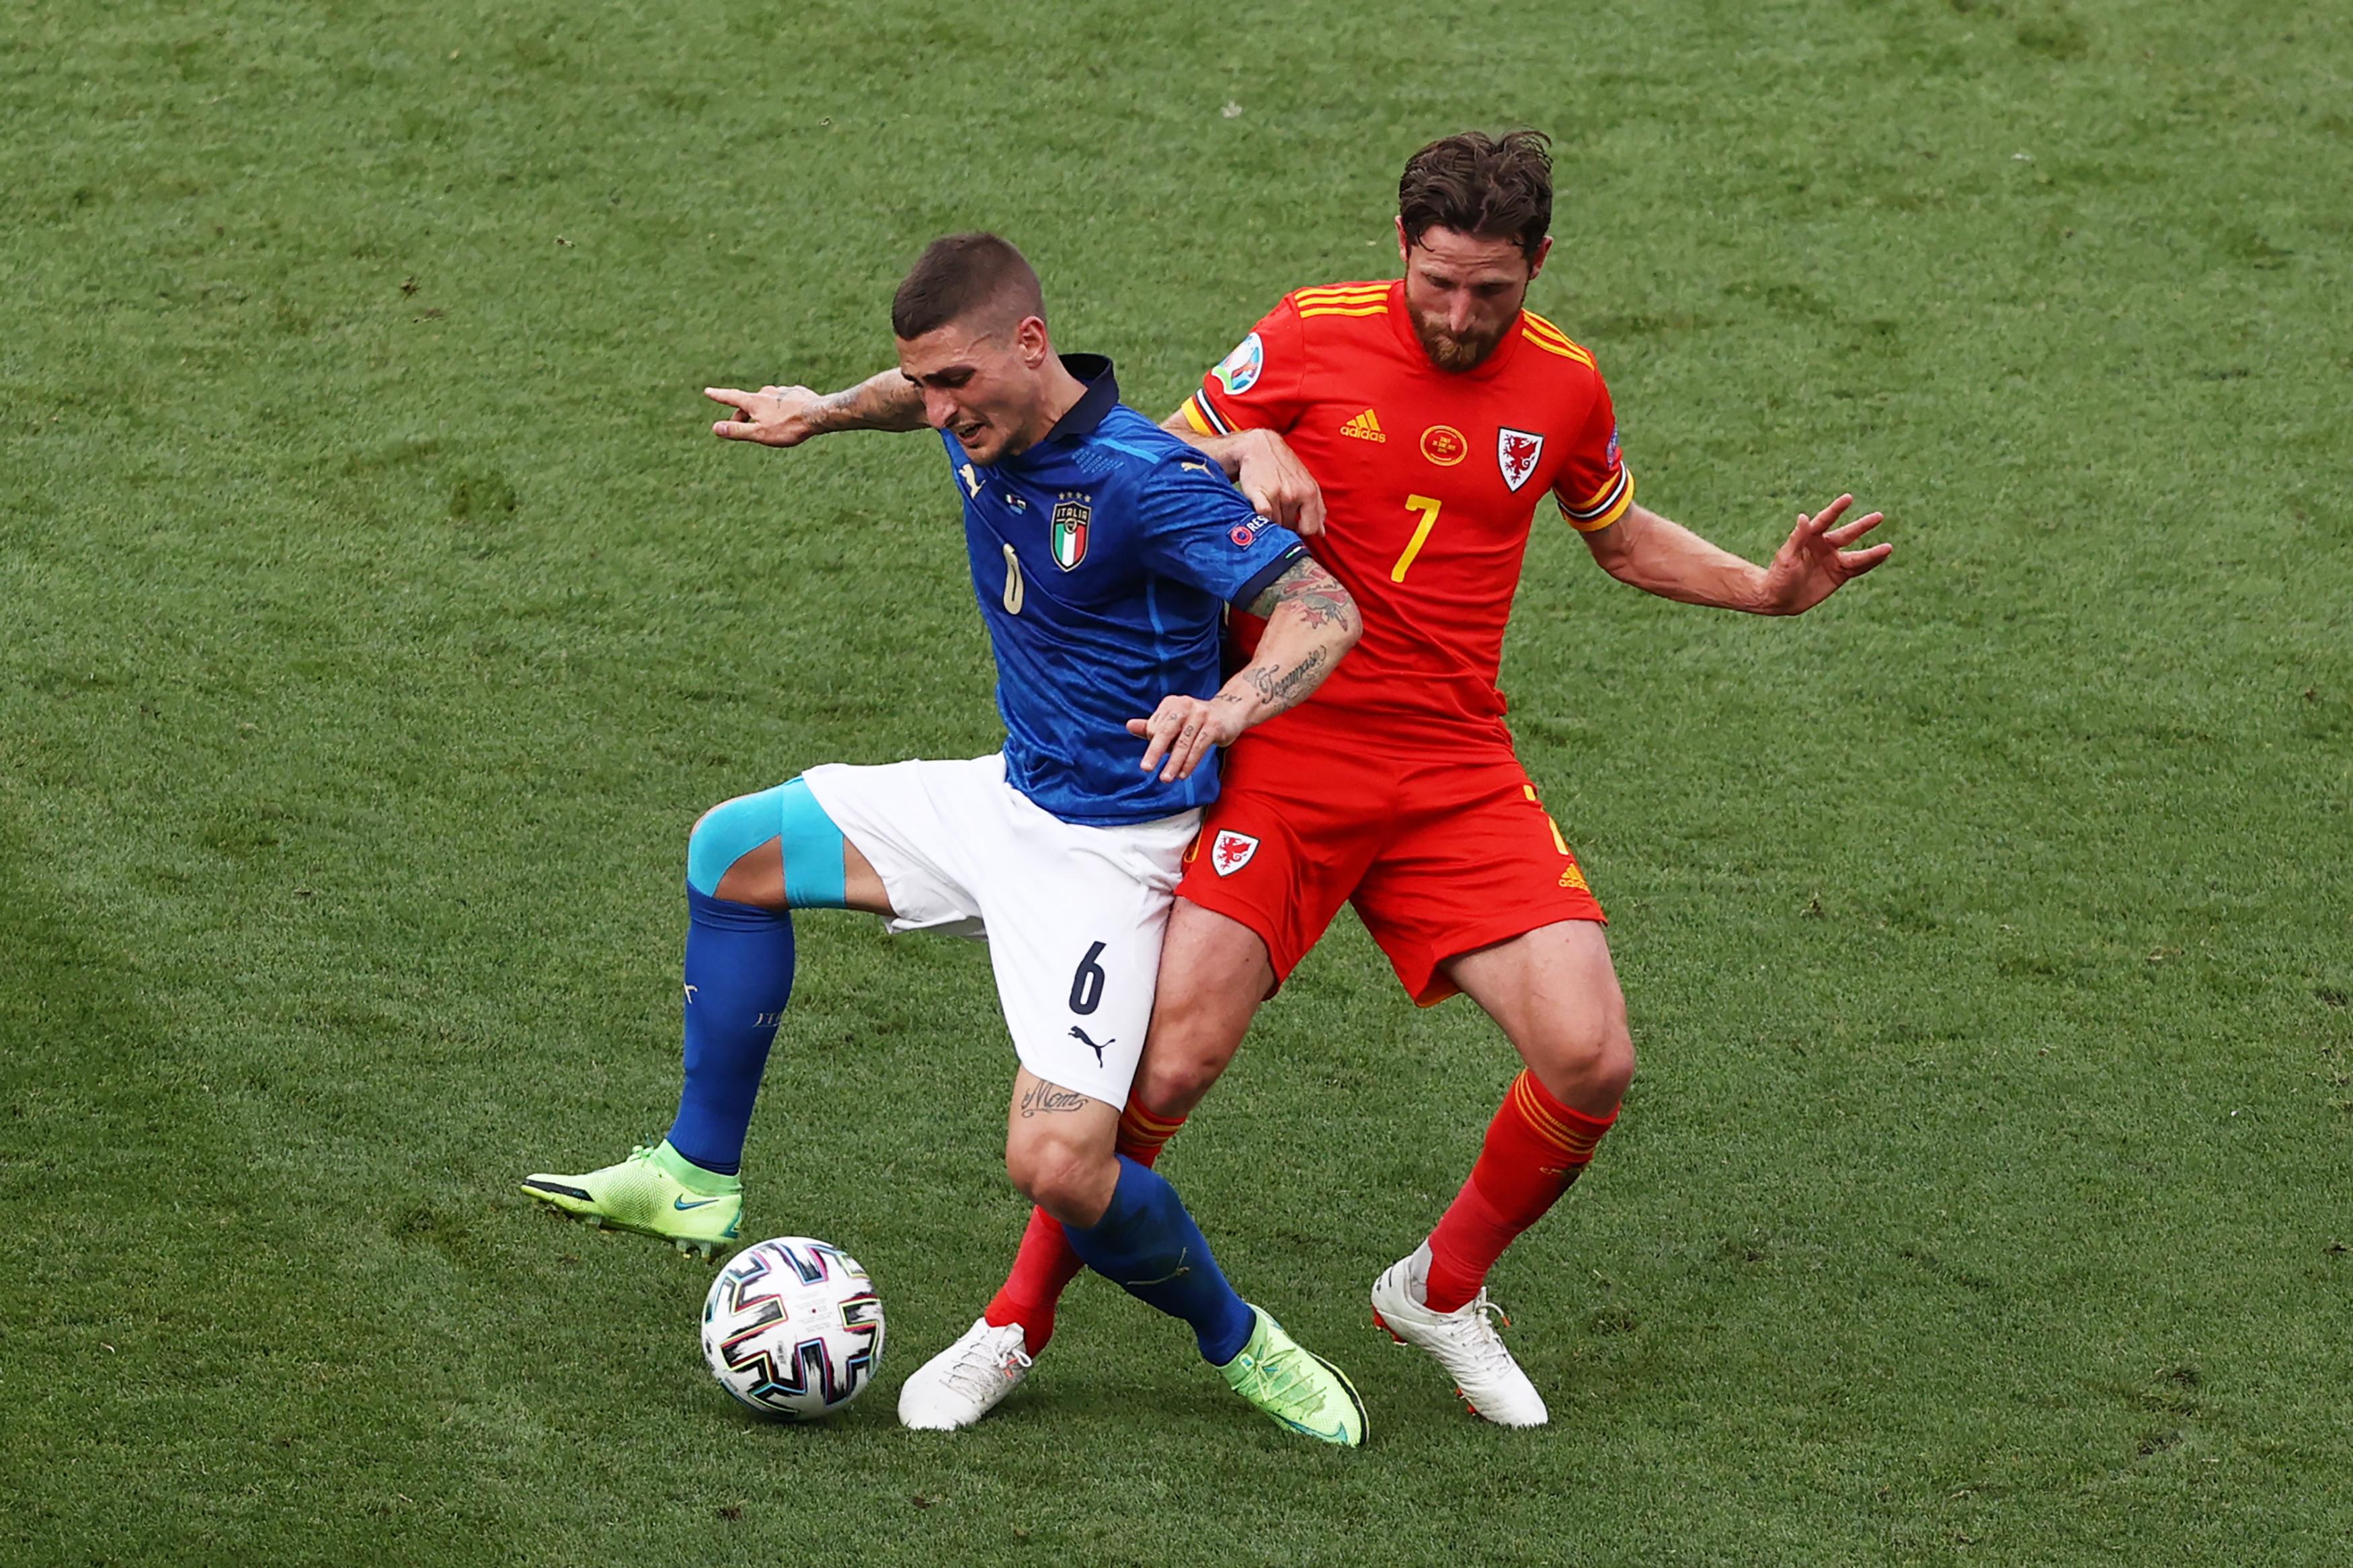 Wales csalta a focit, de mázlival még a vereség ellenére is maradt csoportmásodik